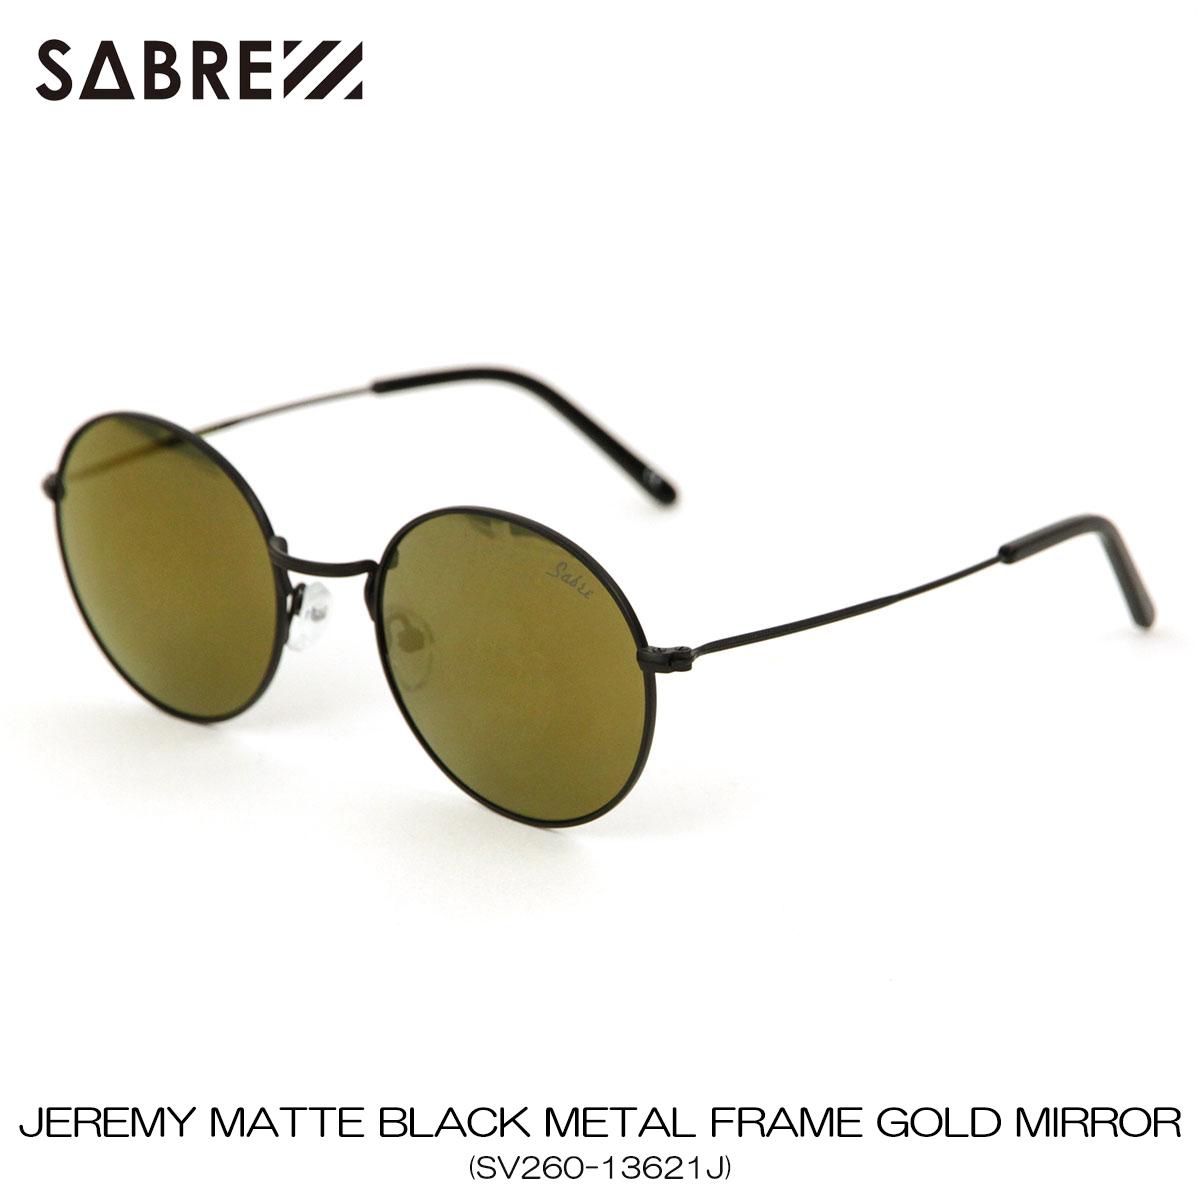 【ポイント10倍 6/4 20:00~6/11 01:59まで】 セイバー SABRE 正規販売店 サングラス めがね JEREMY MATTE BLACK METAL FRAME GOLD MIRROR LENS SUNGLASS SV260-13621J 父の日